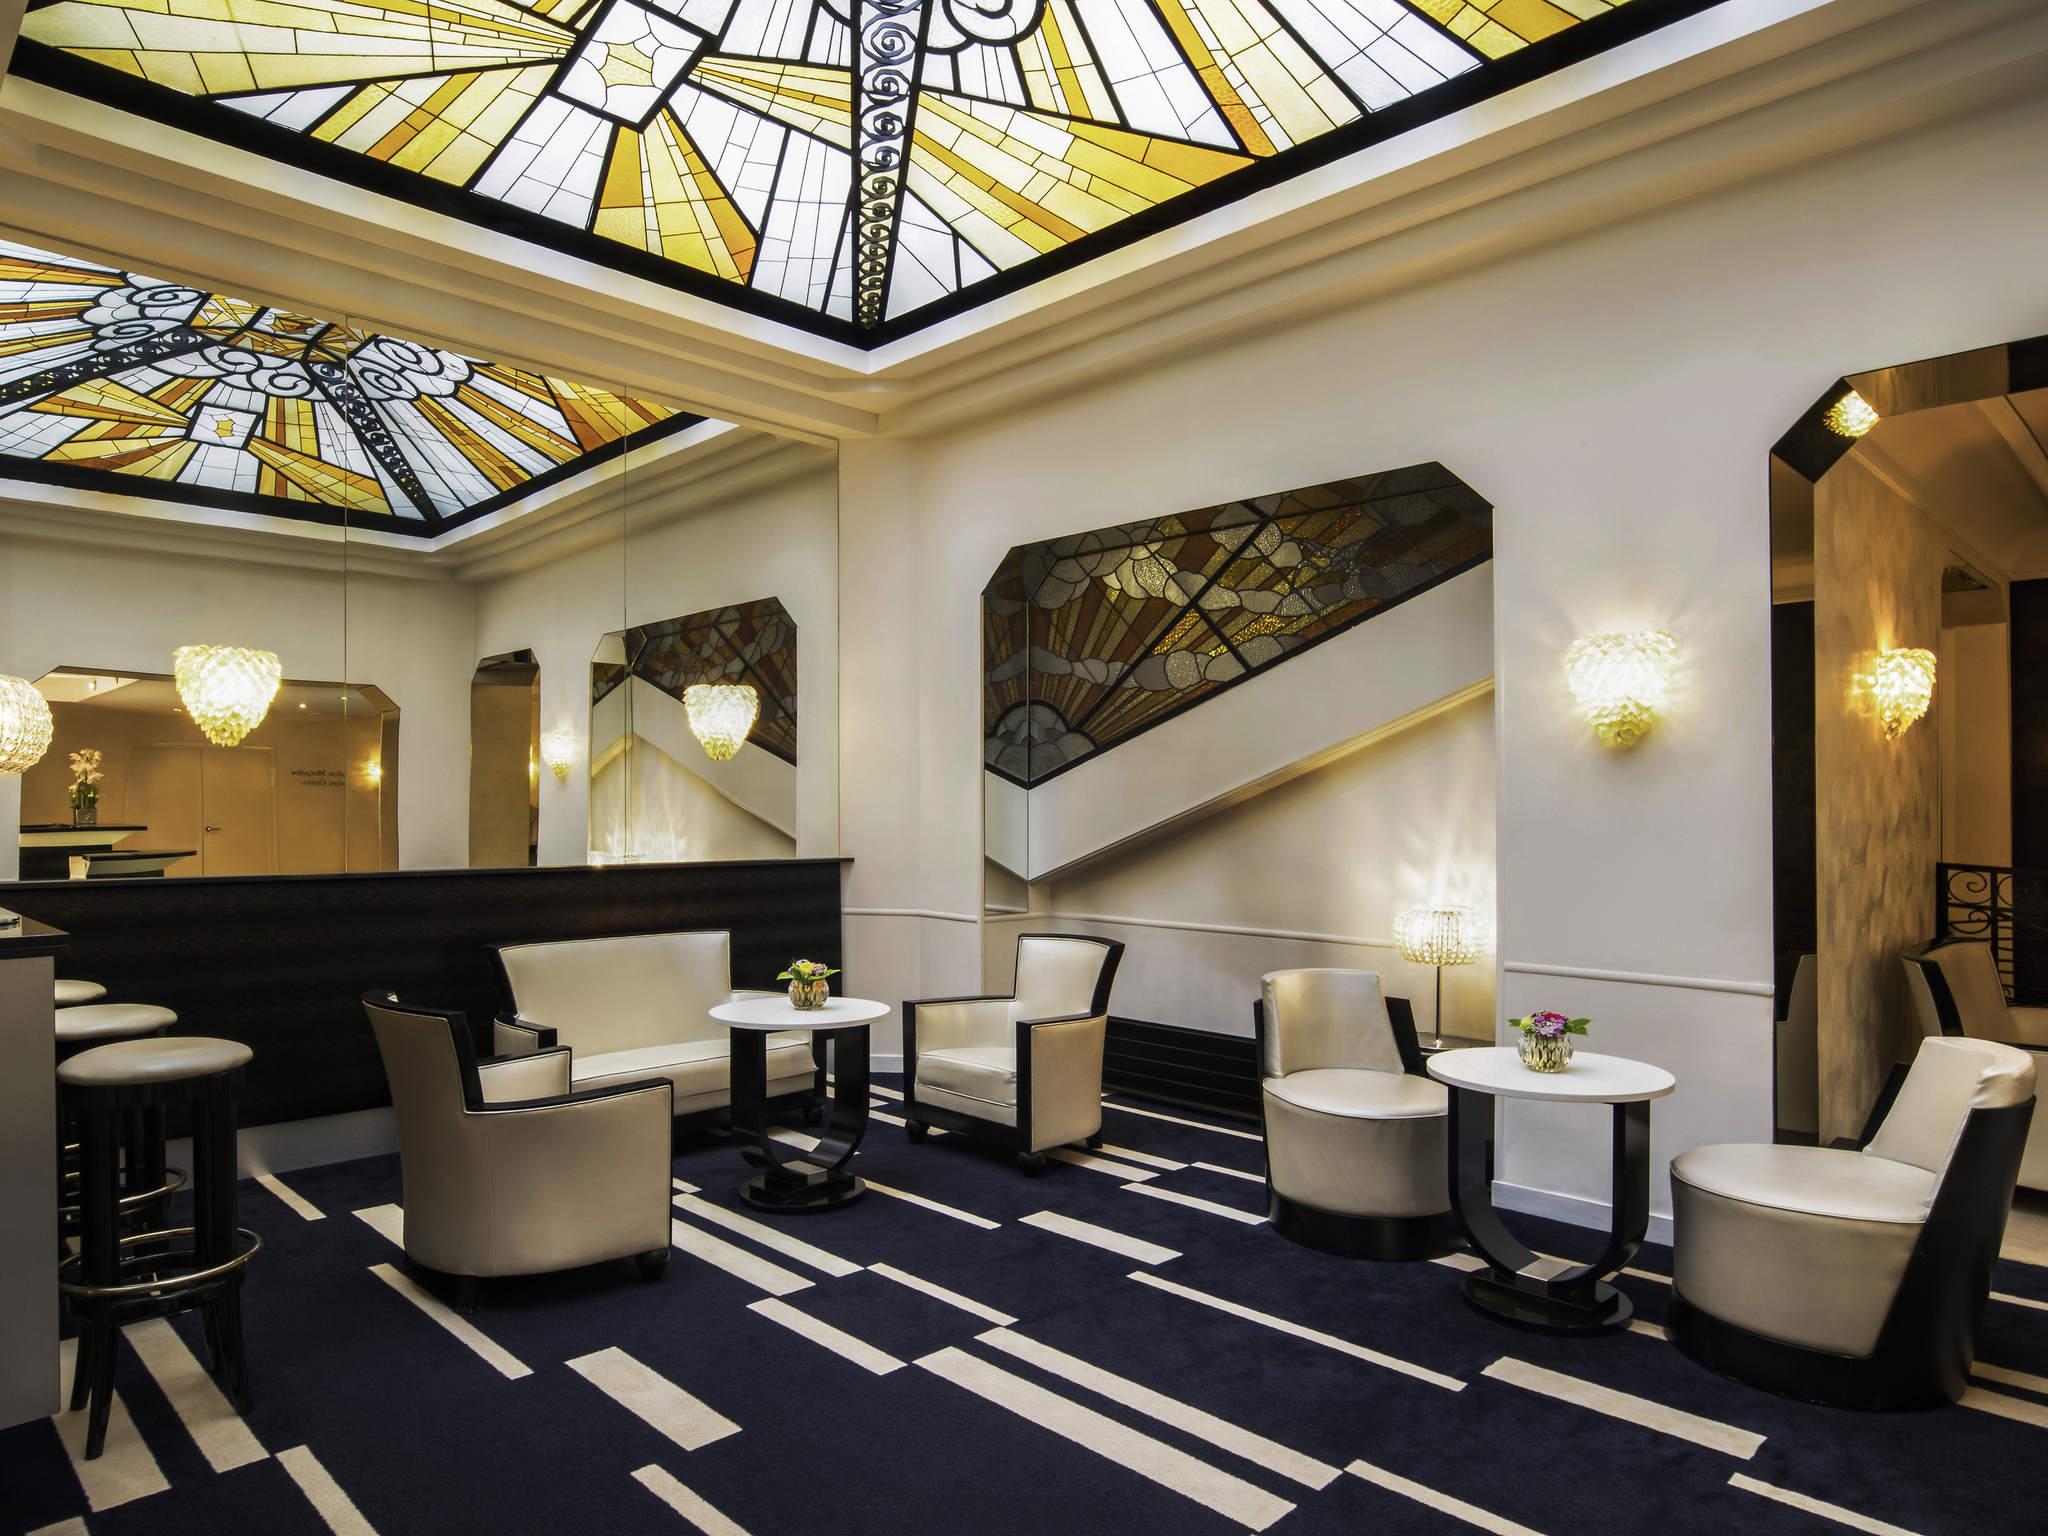 ホテル – メルキュール パリ オペラ フォブール モンマルトル ホテル